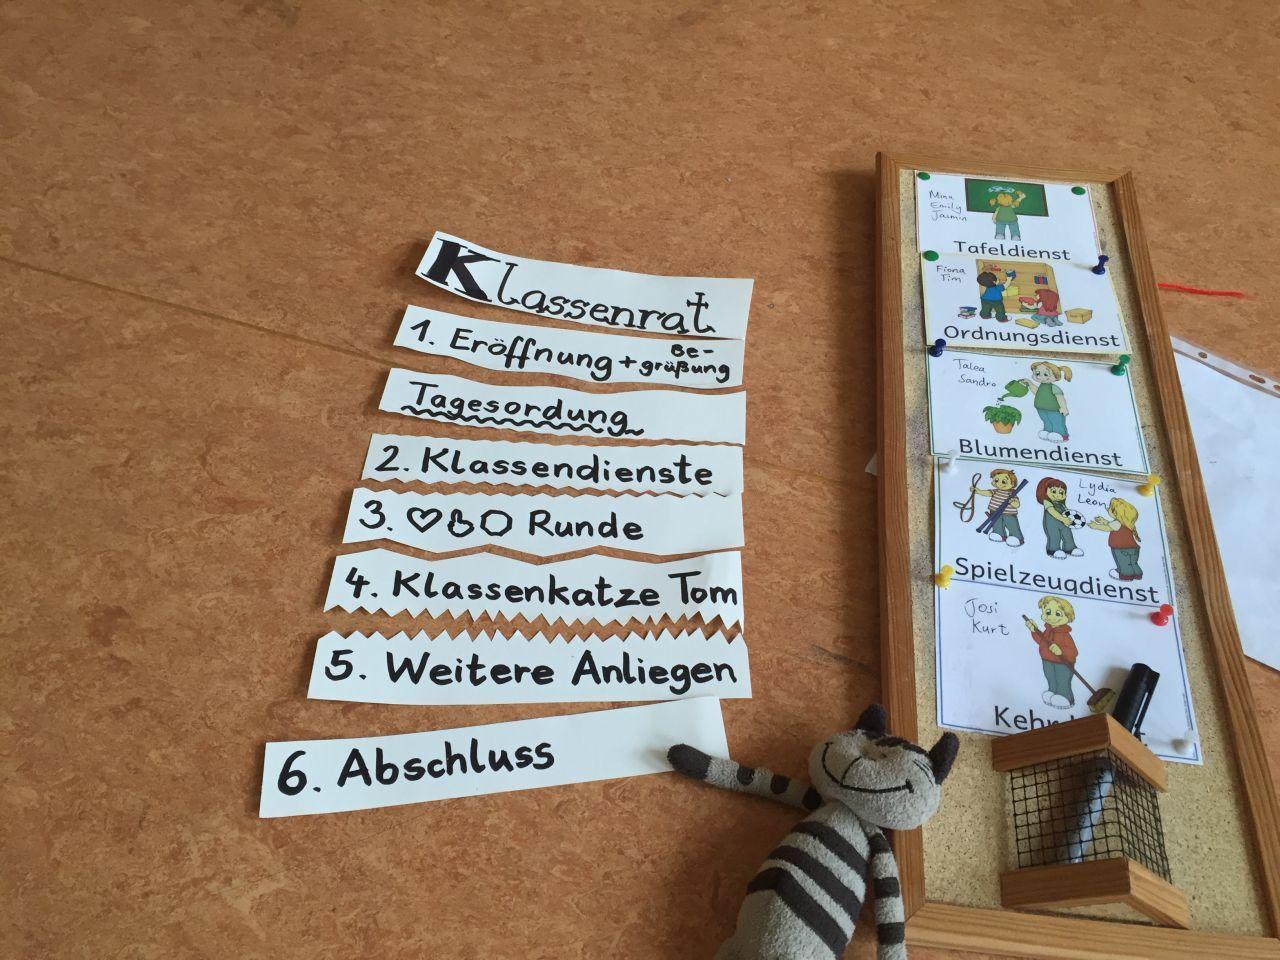 Ordnungsdienst klassenzimmer  Wir halten Klassenrat   Carl-von-Linné-Schule   Schule   Pinterest ...